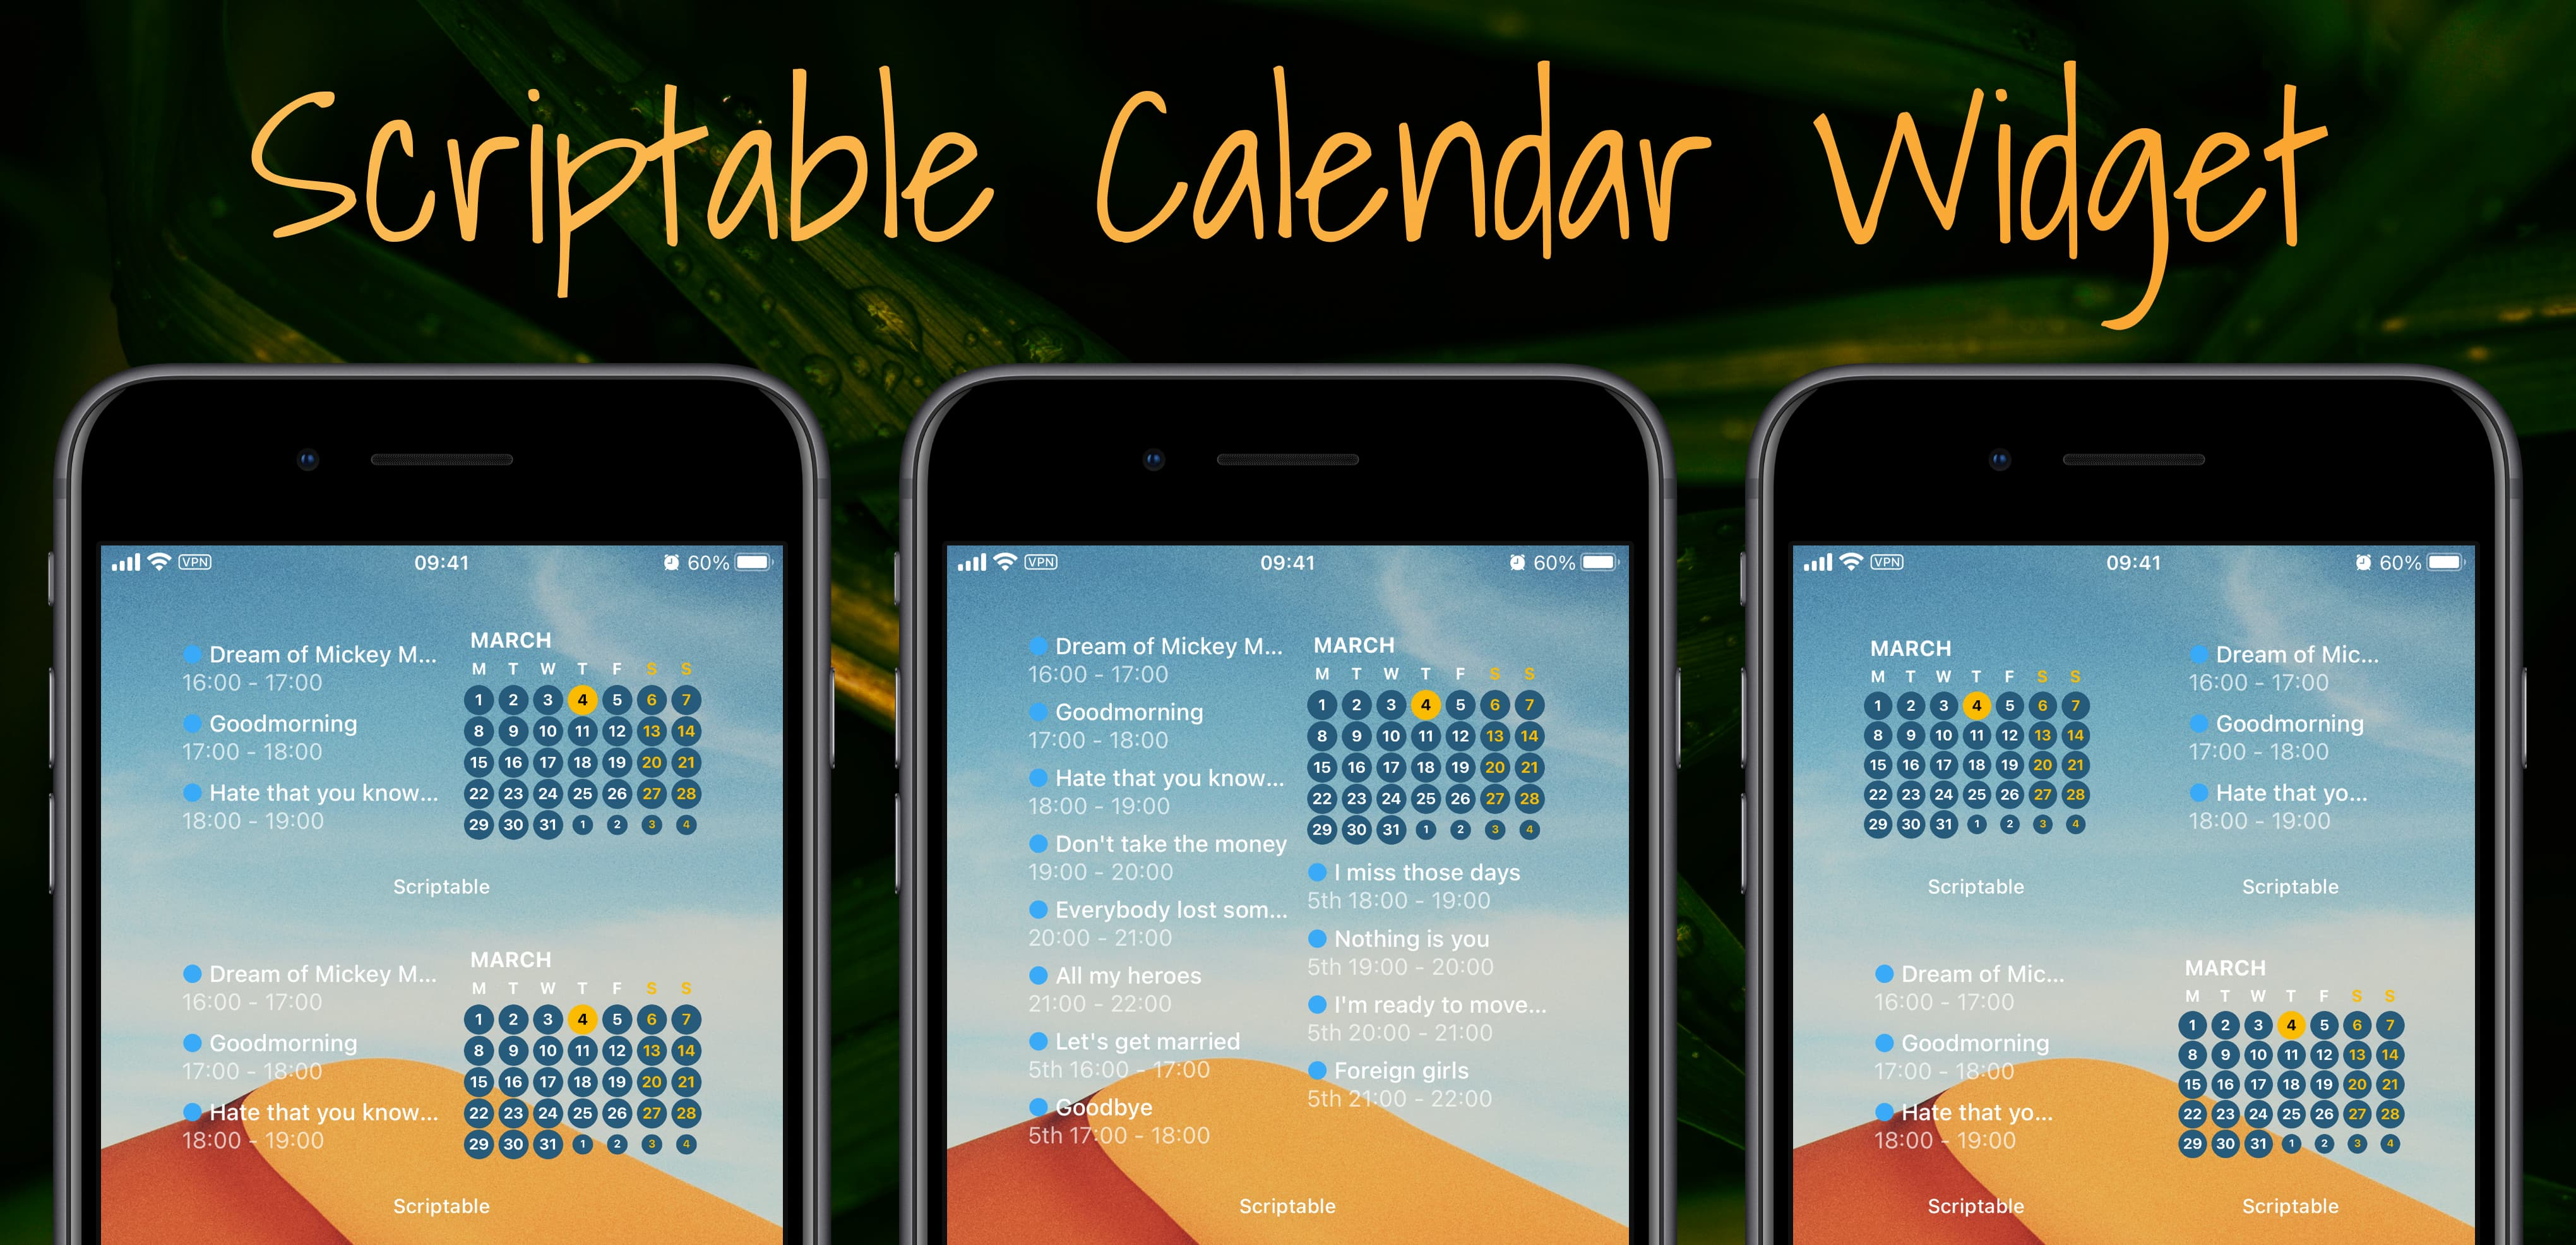 scriptable calendar